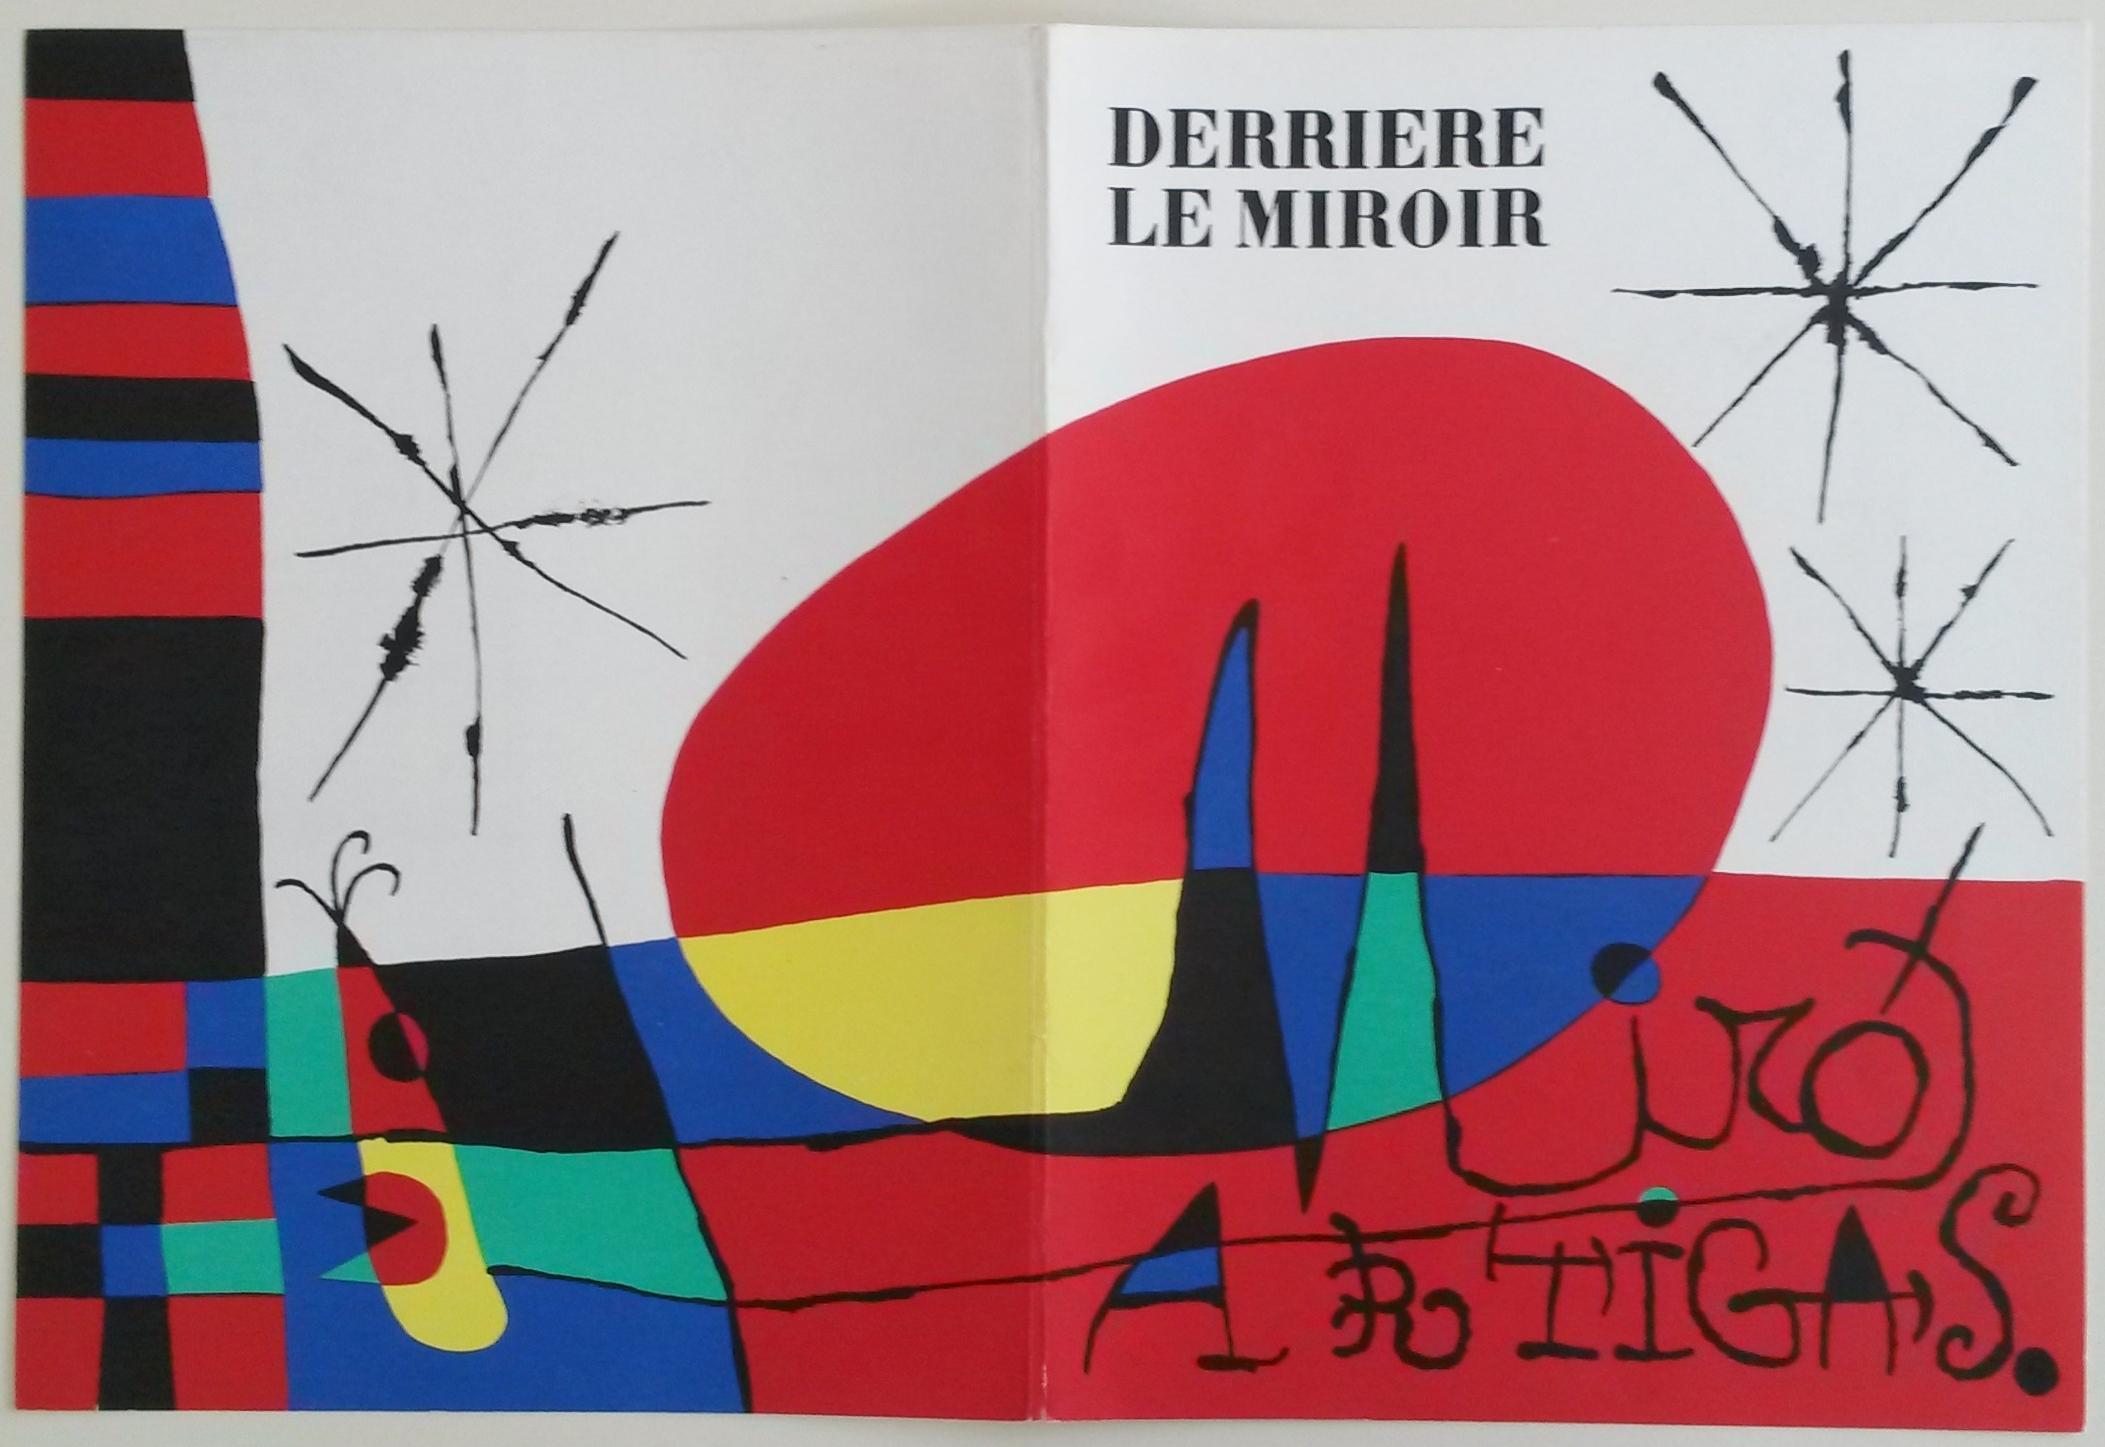 Derriere le miroir 87 88 89 by miro joan joseph for Derriere le miroir miro